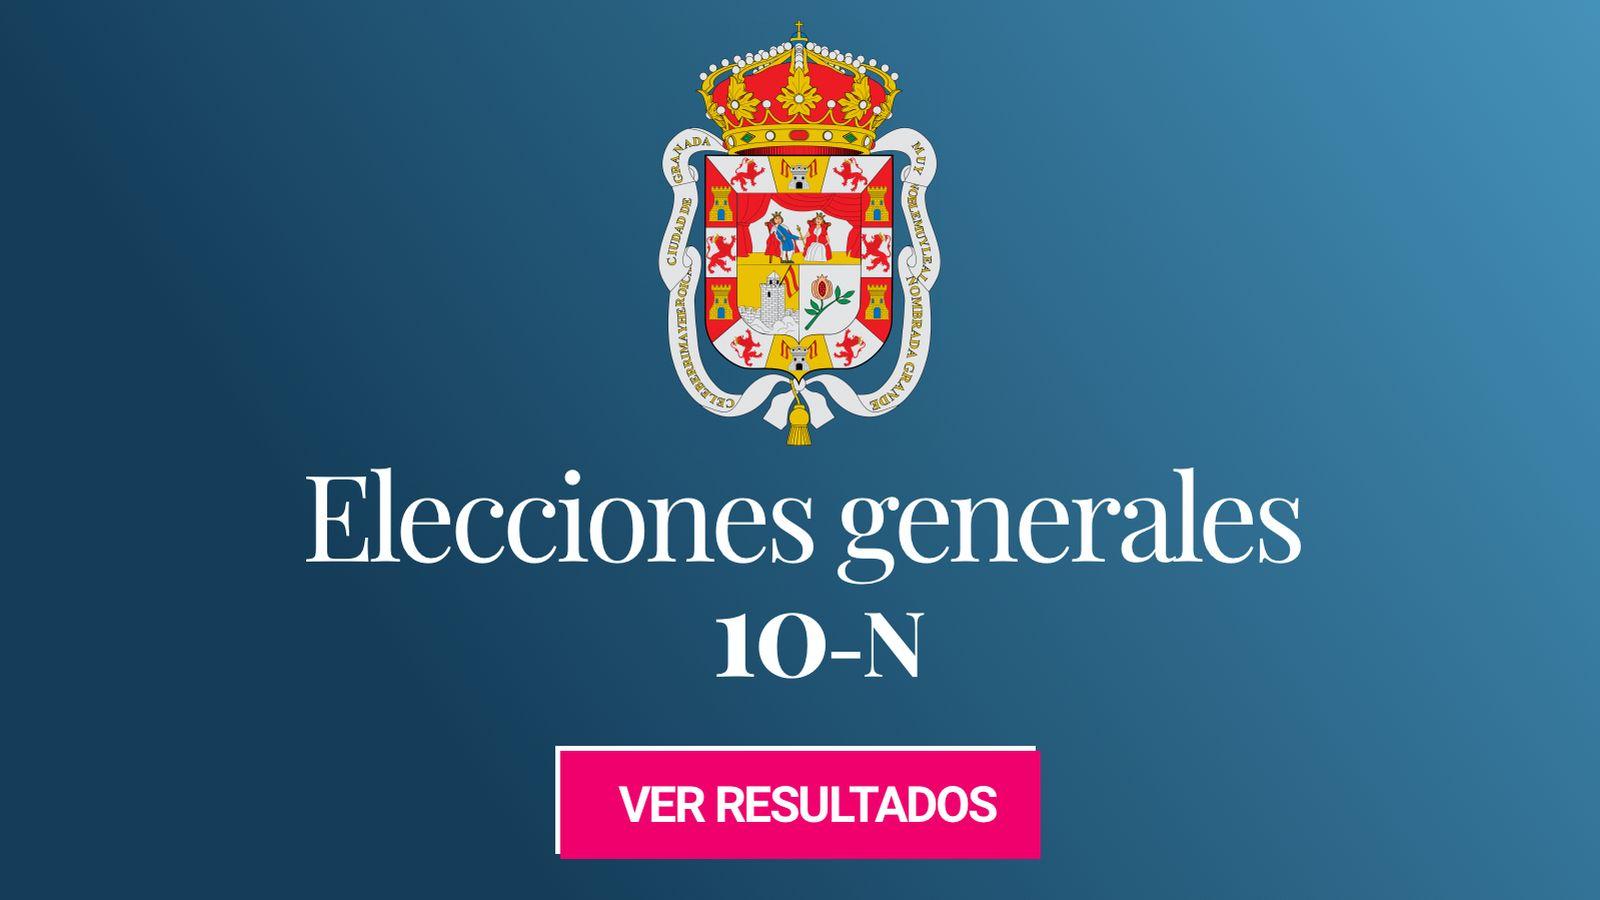 Foto: Elecciones generales 2019 en Granada. (C.C./EC)